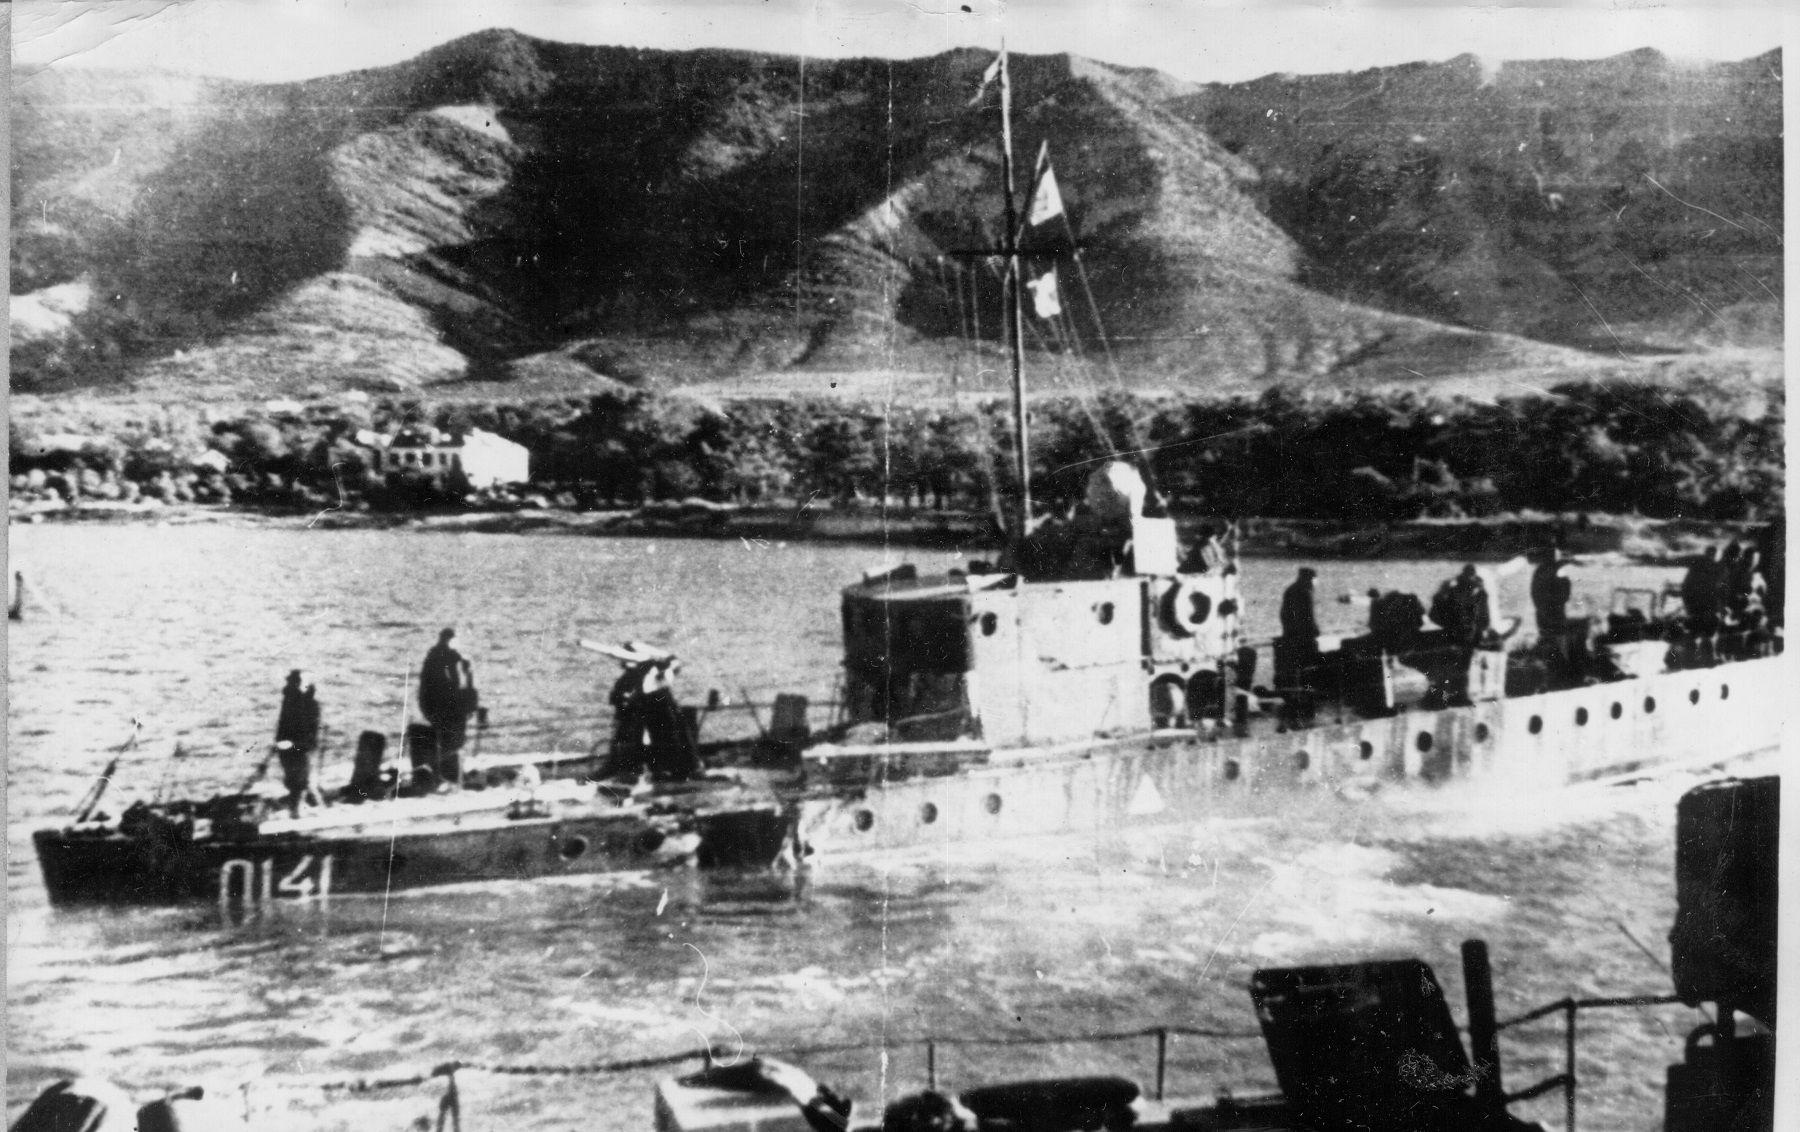 Катер СКА-0141, получивший повреждения в ходе Новороссийской десантной операции, Геленджик, сентябрь 1943 года ©Фото с сайта http://waralbum.ru